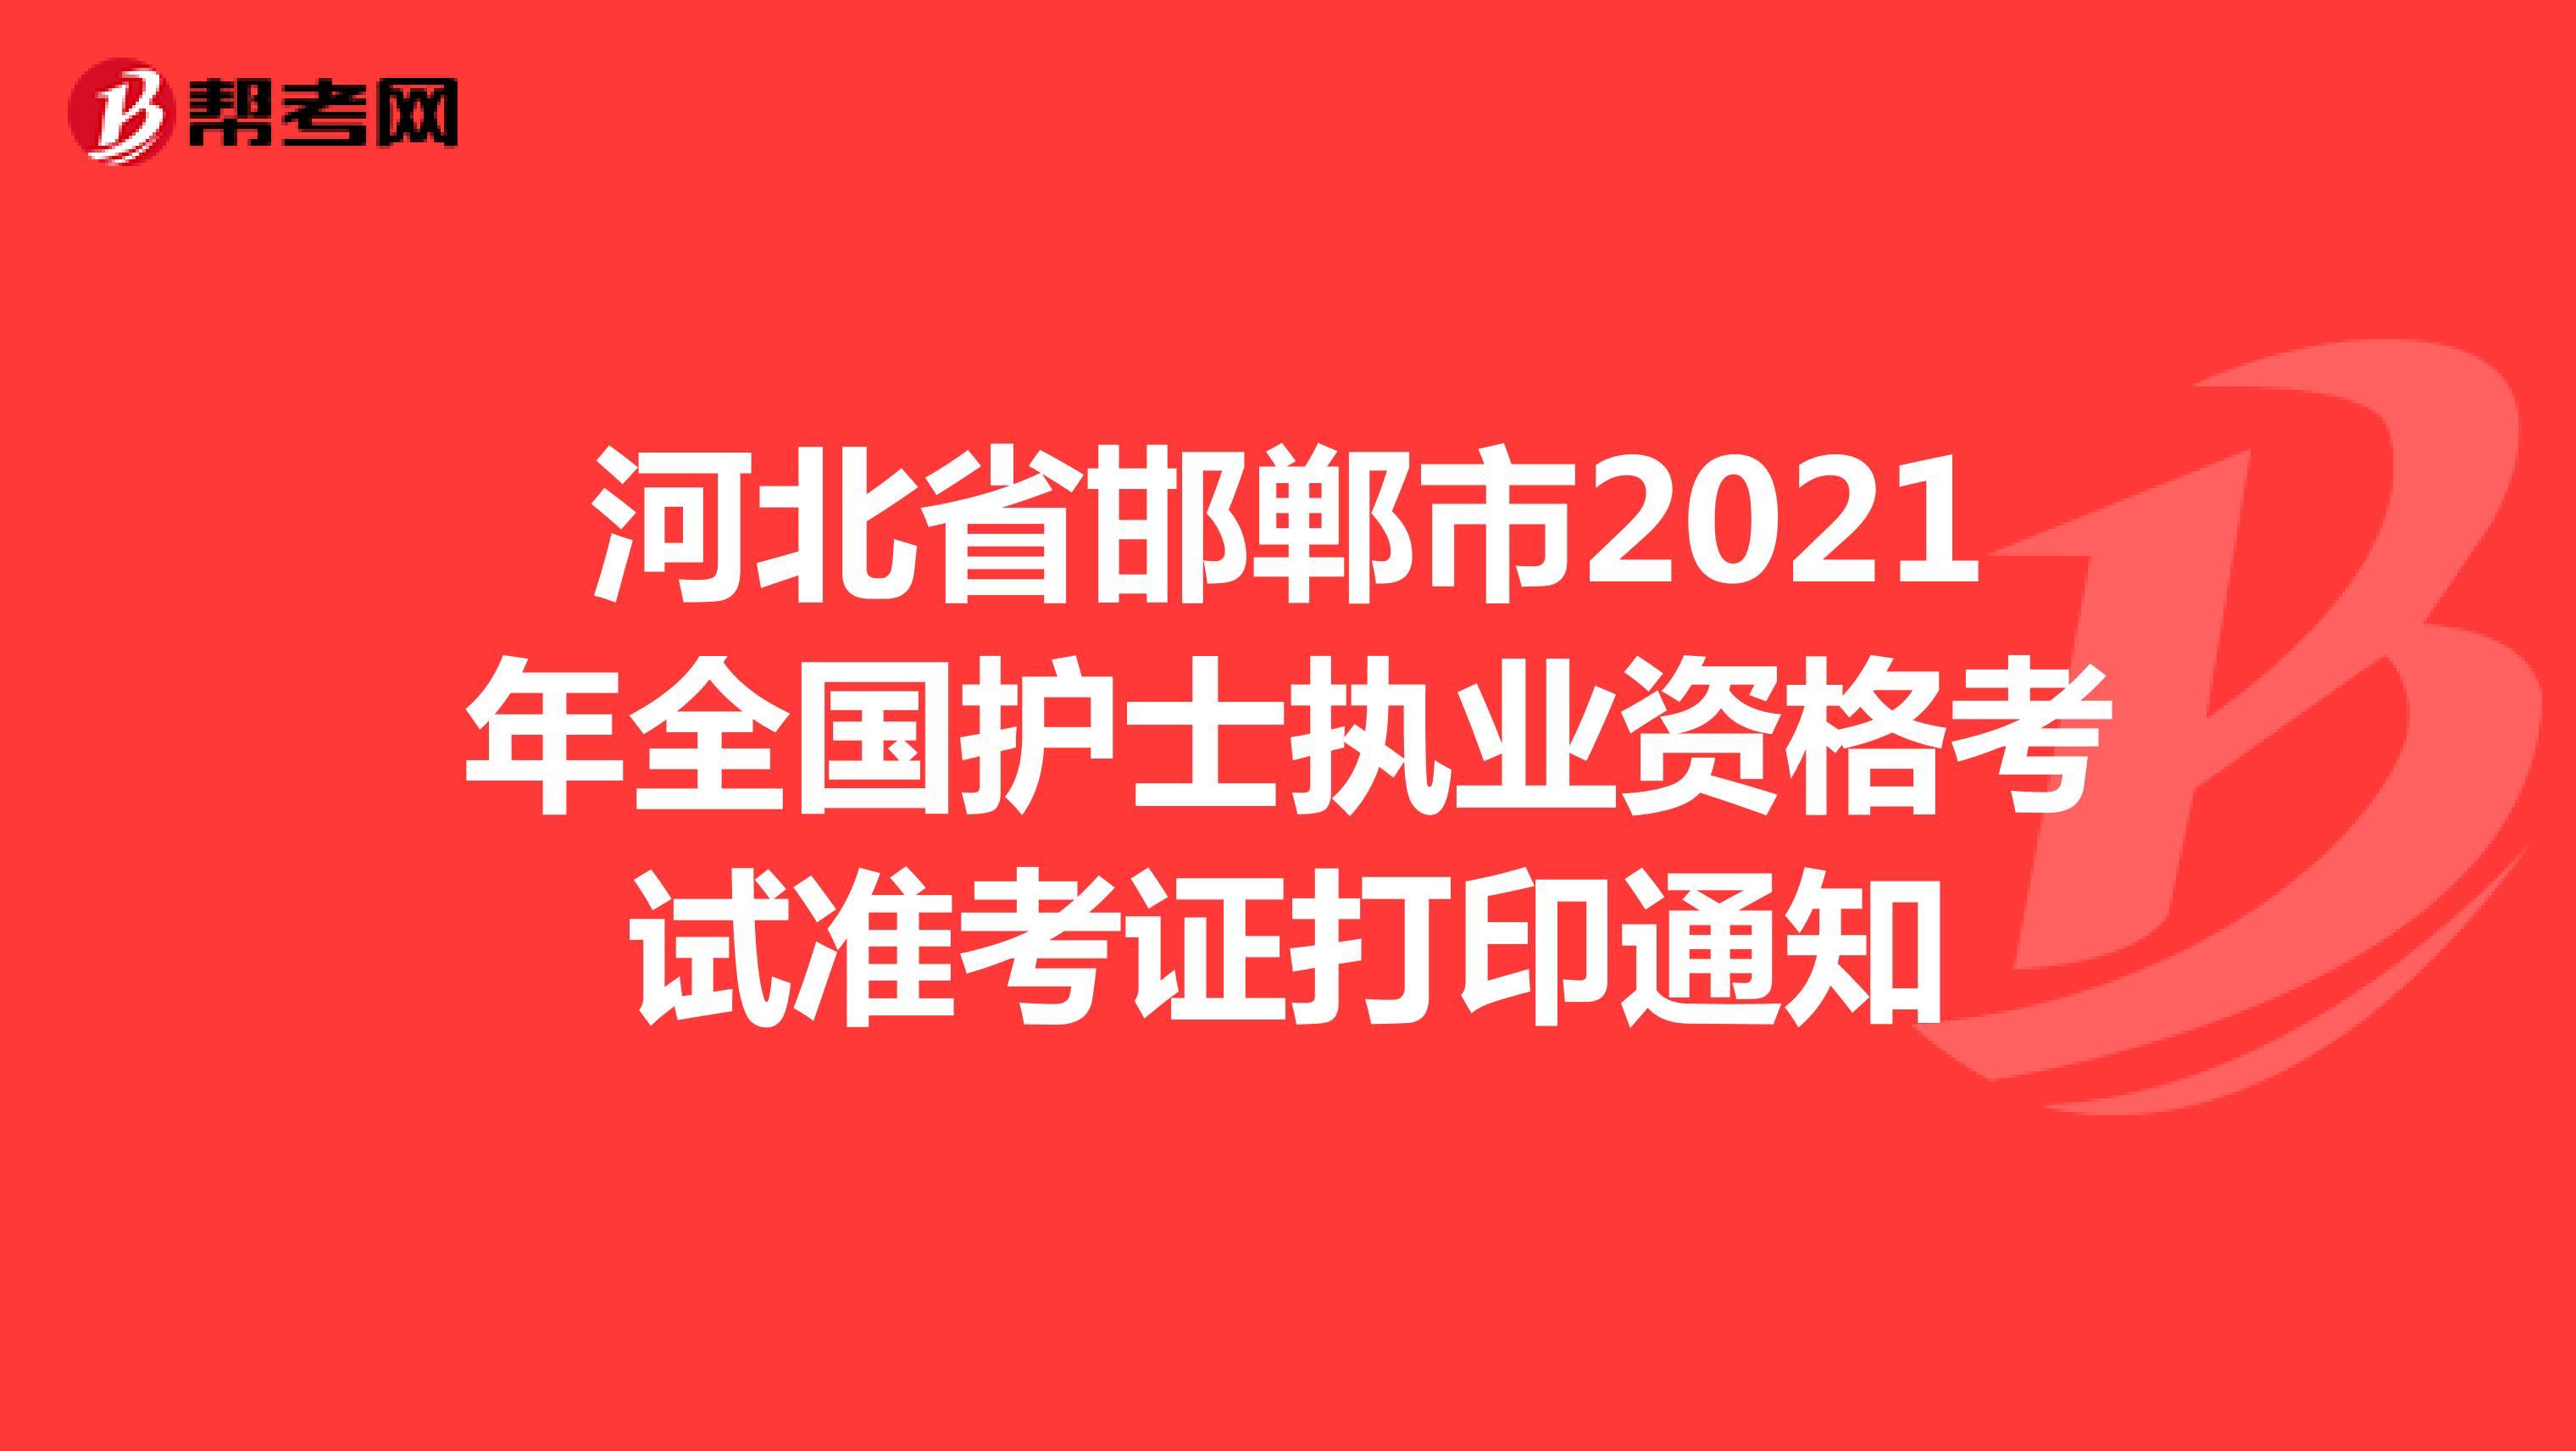 河北省邯鄲市2021年全國護士執業資格考試準考證打印通知